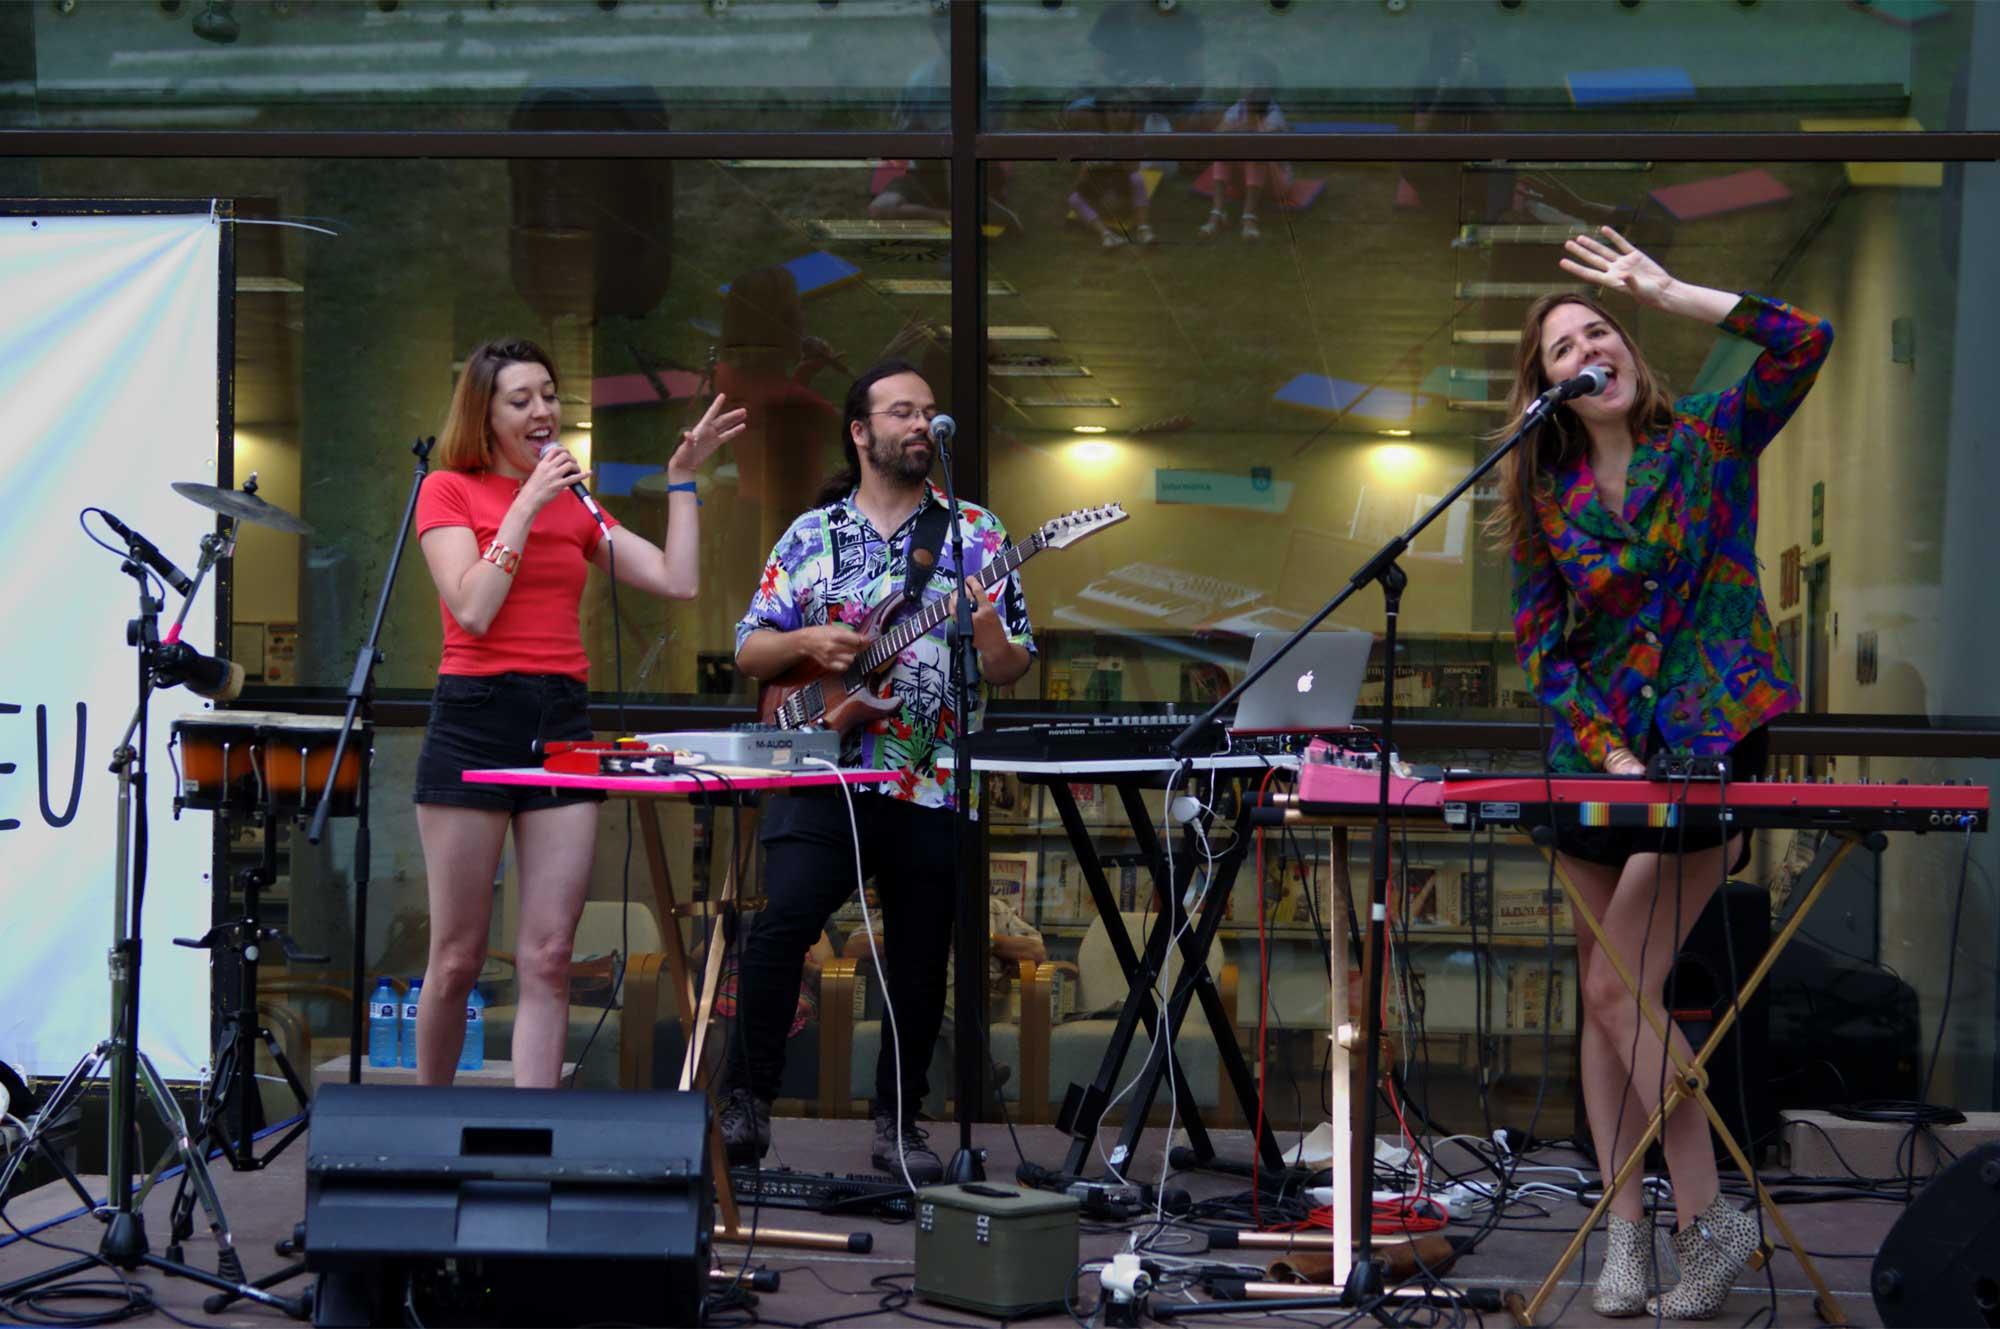 El grup Cheetah Brava actuant al pati de la Biblioteca Josep Soler de Gavà.